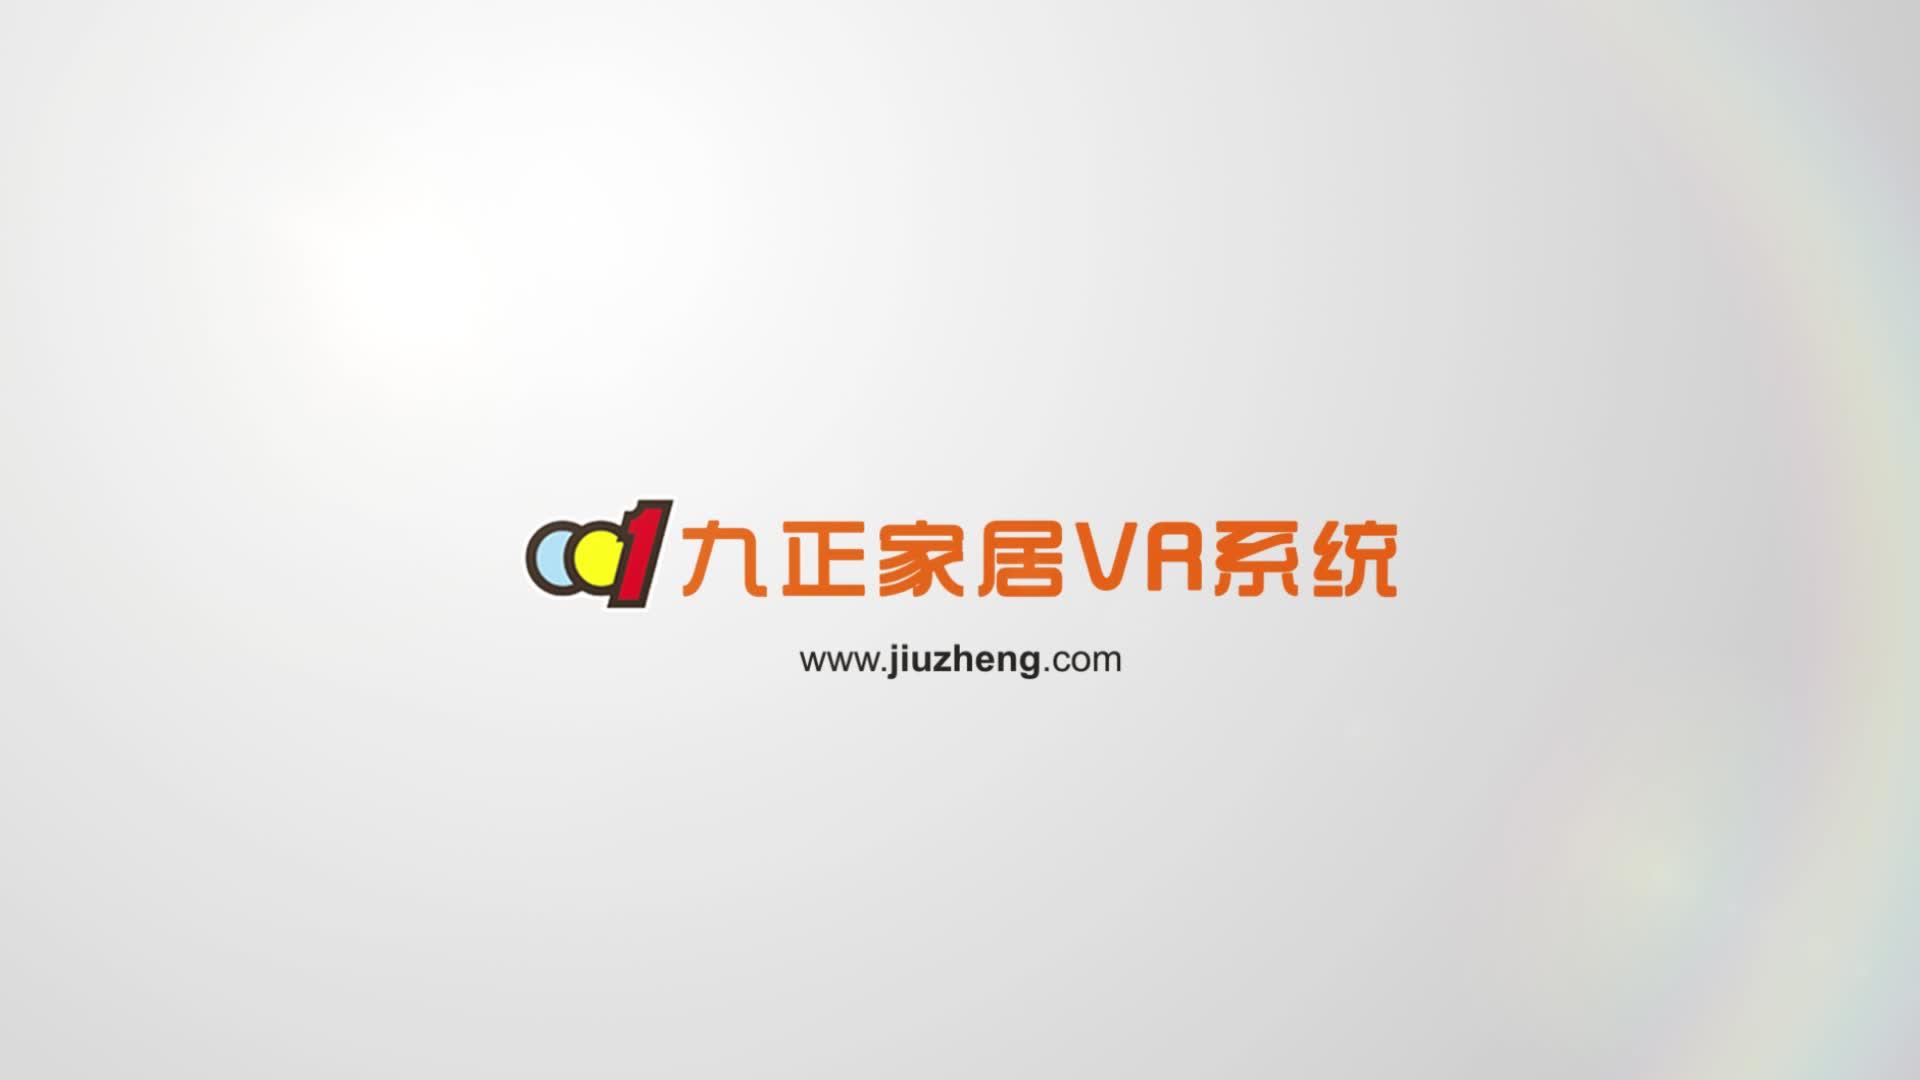 九正家居VR系统宣传视频